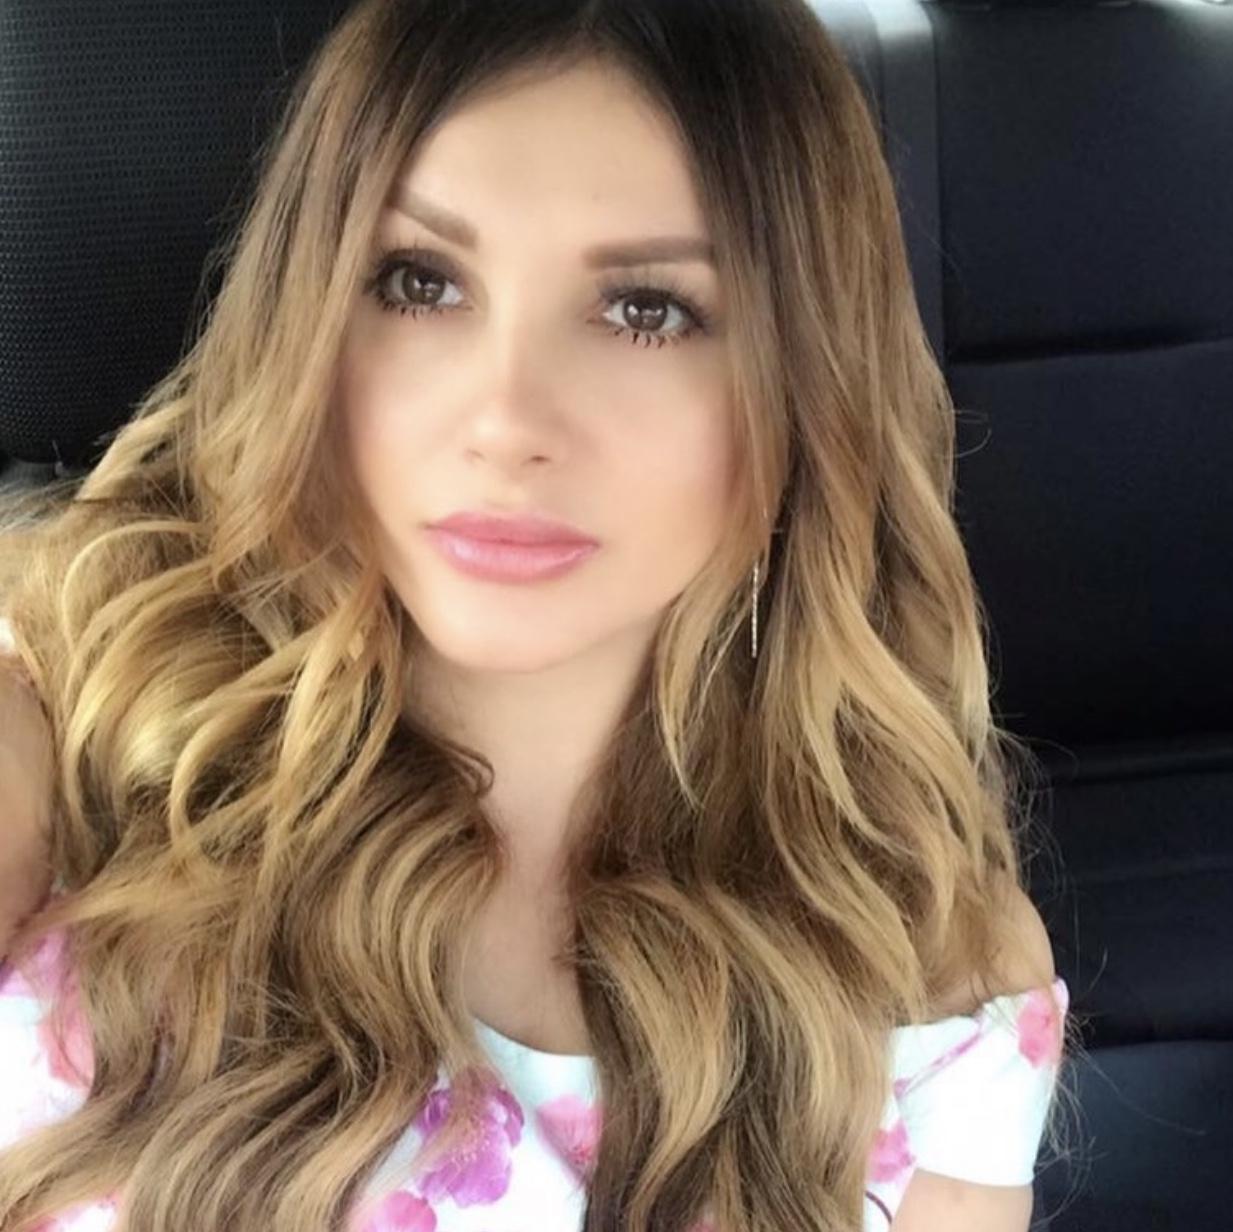 Lizbeth Murillo